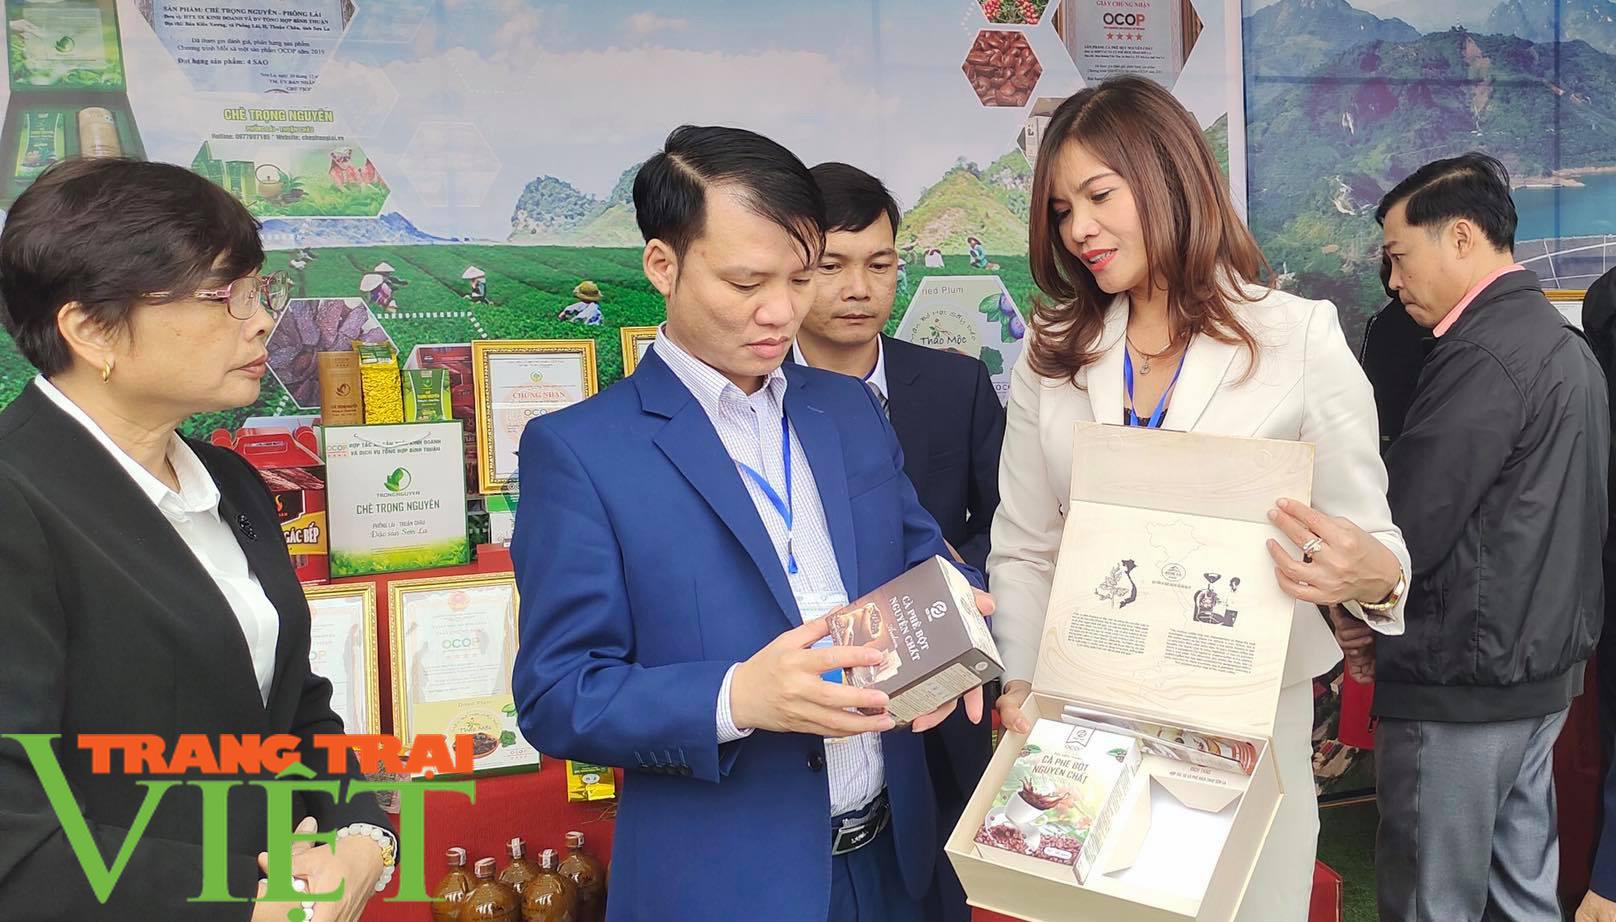 3 sản phẩm OCOP của Sơn La được vinh danh - Ảnh 5.